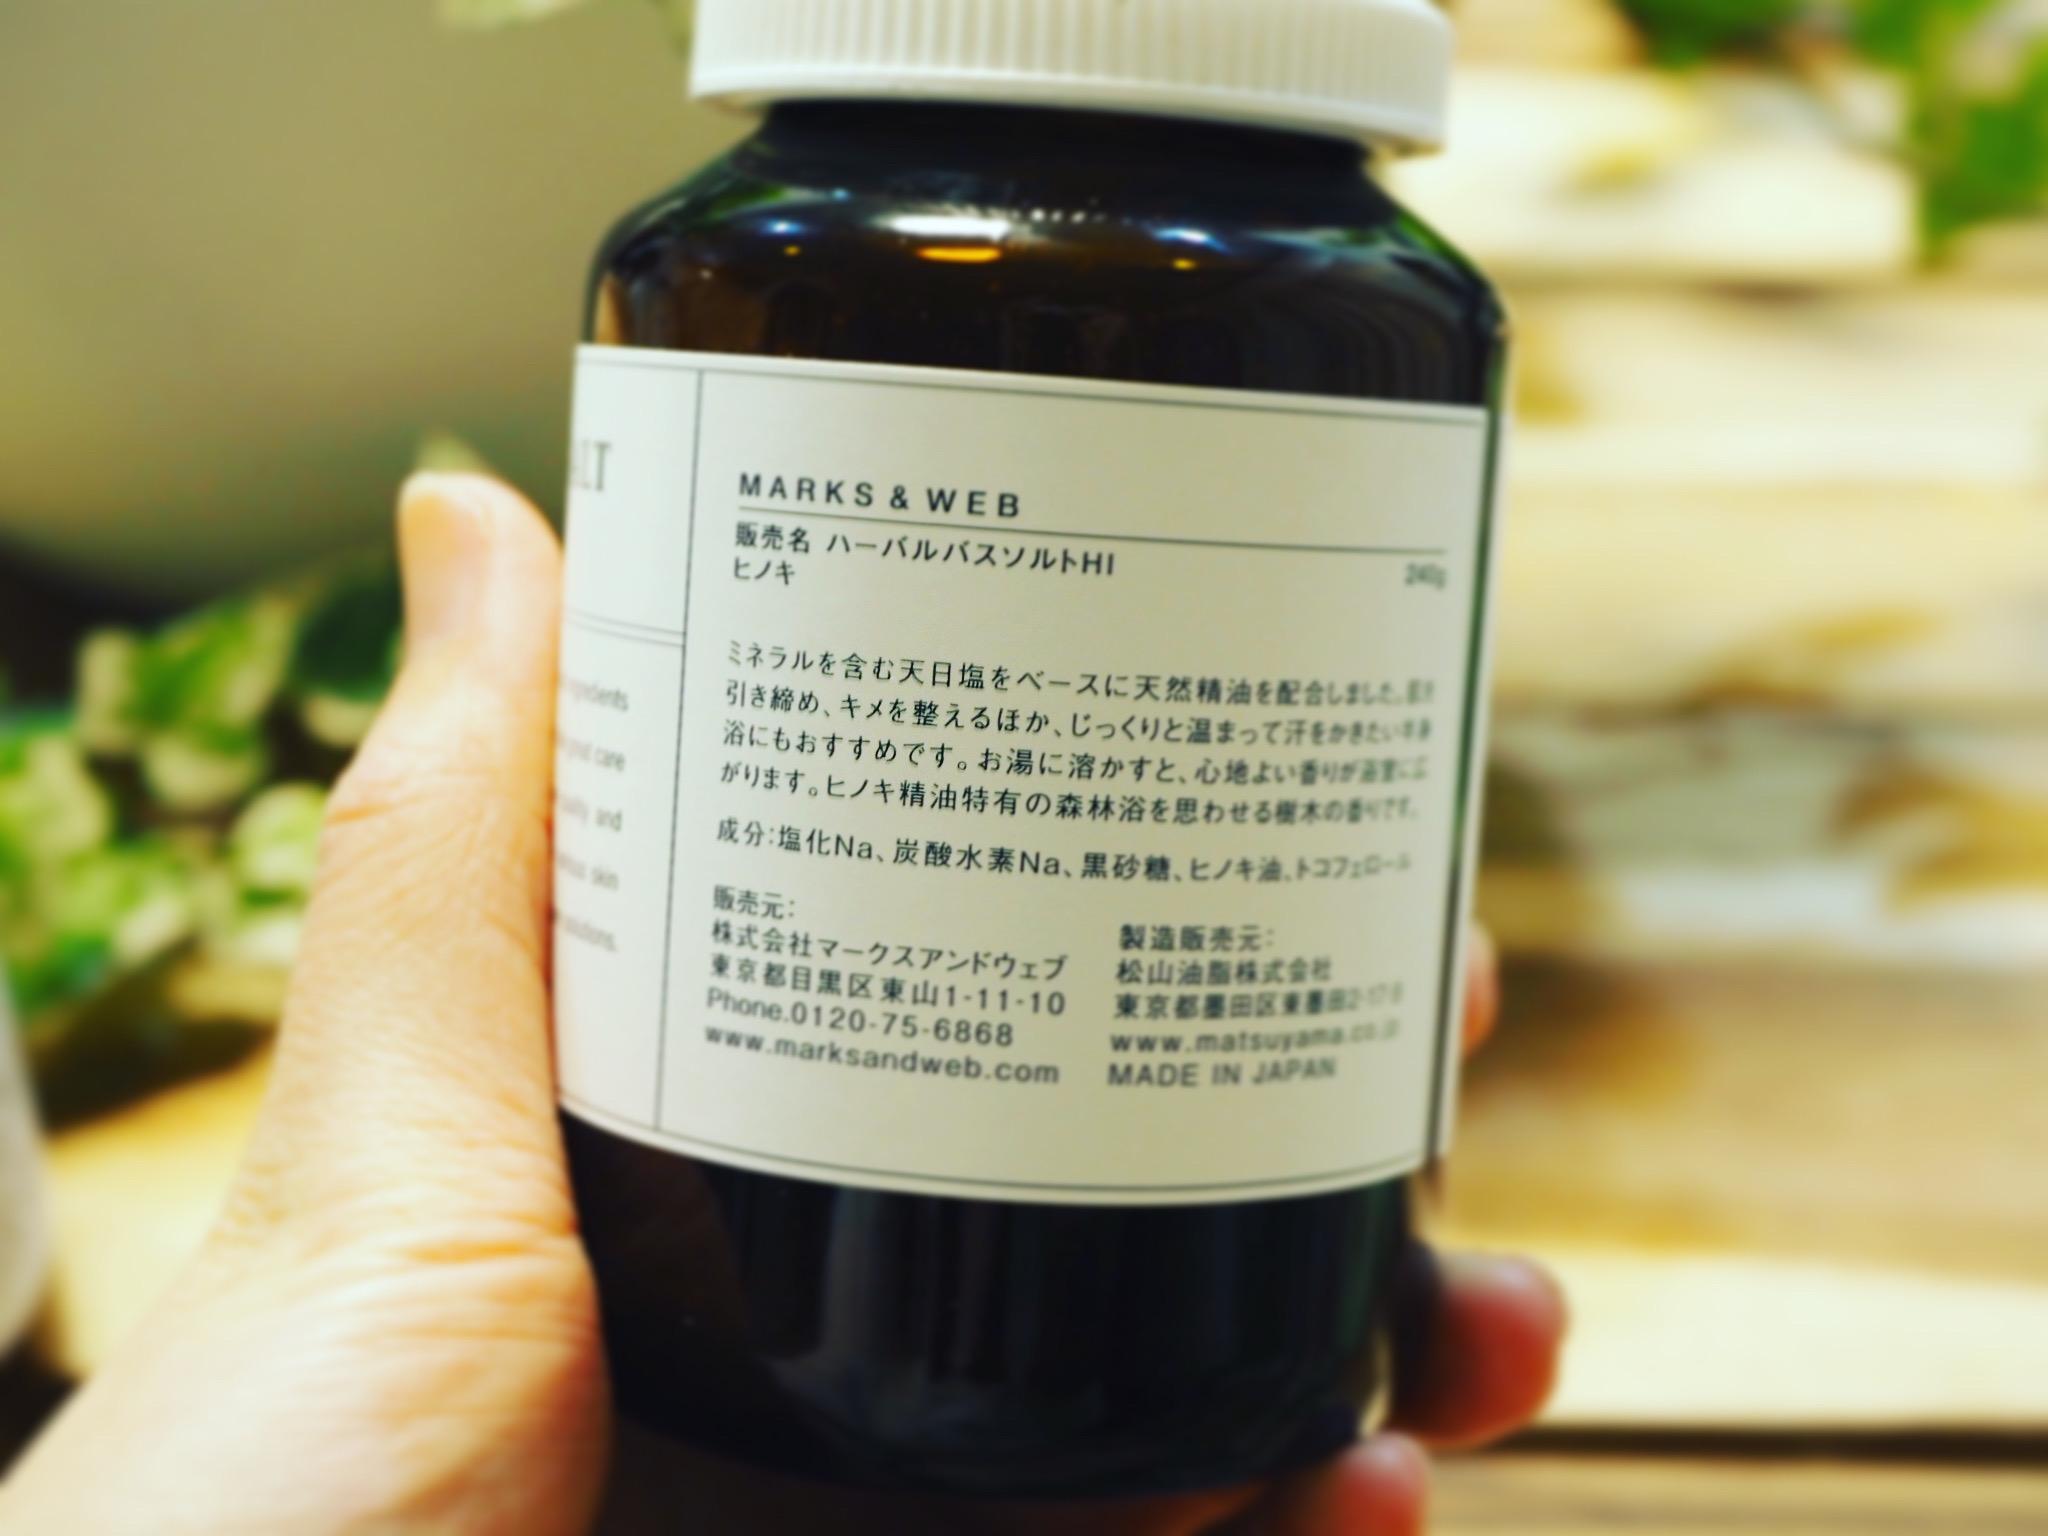 幸せのバスタイムに!【MARKS&WEB】の《ハーバルバスソルト》が美容効果・香り・保温効果と優秀✳︎_4